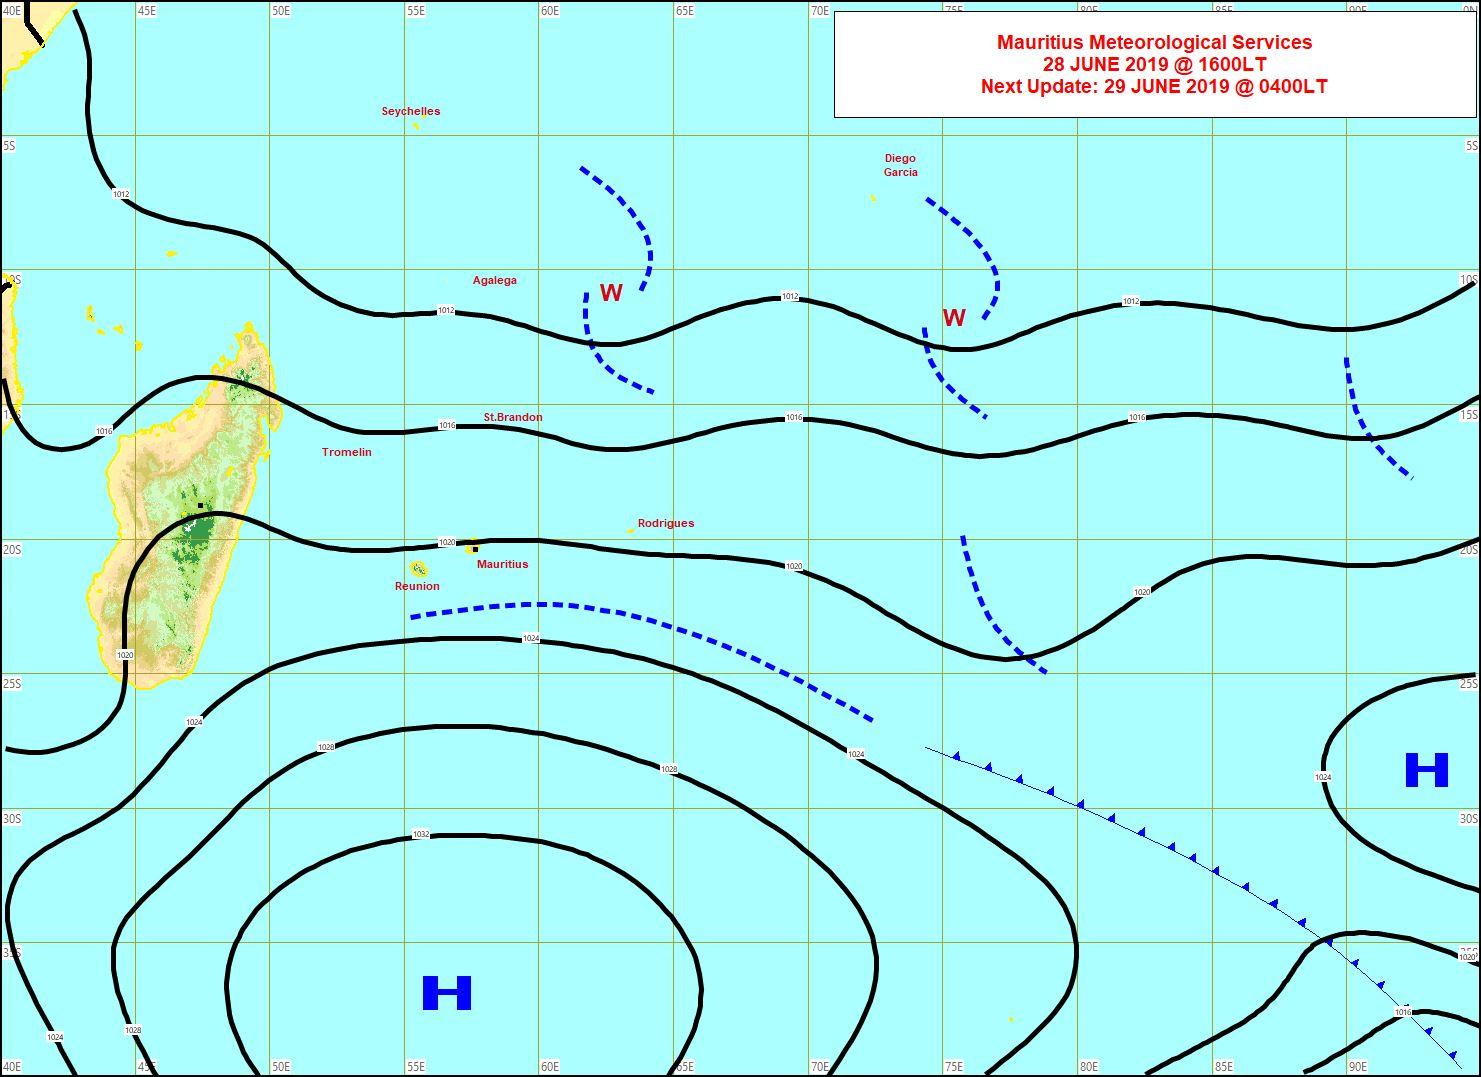 Analyse de surface cet après midi. L'anticyclone est bien positionné au sud des Mascareignes. Les restes d'un système frontal transitent au Sud-Est des Iles Soeurs et avec eux remonte un peu d'humidité passagère. MMS